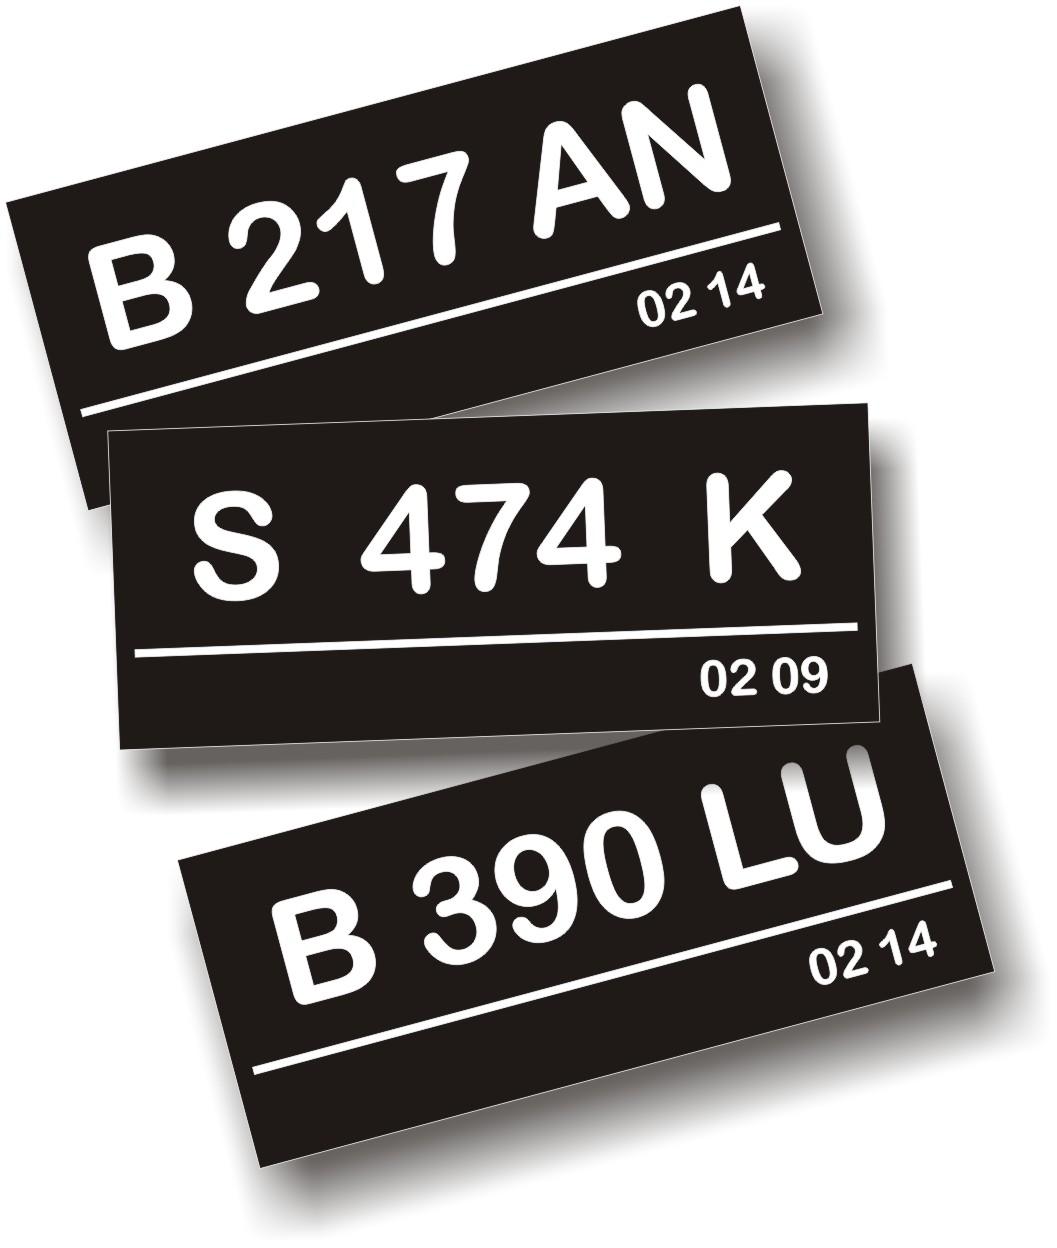 Arti Kombinasi Huruf Dan Angka Pada Plat Nomor Kendaraan Bermotor